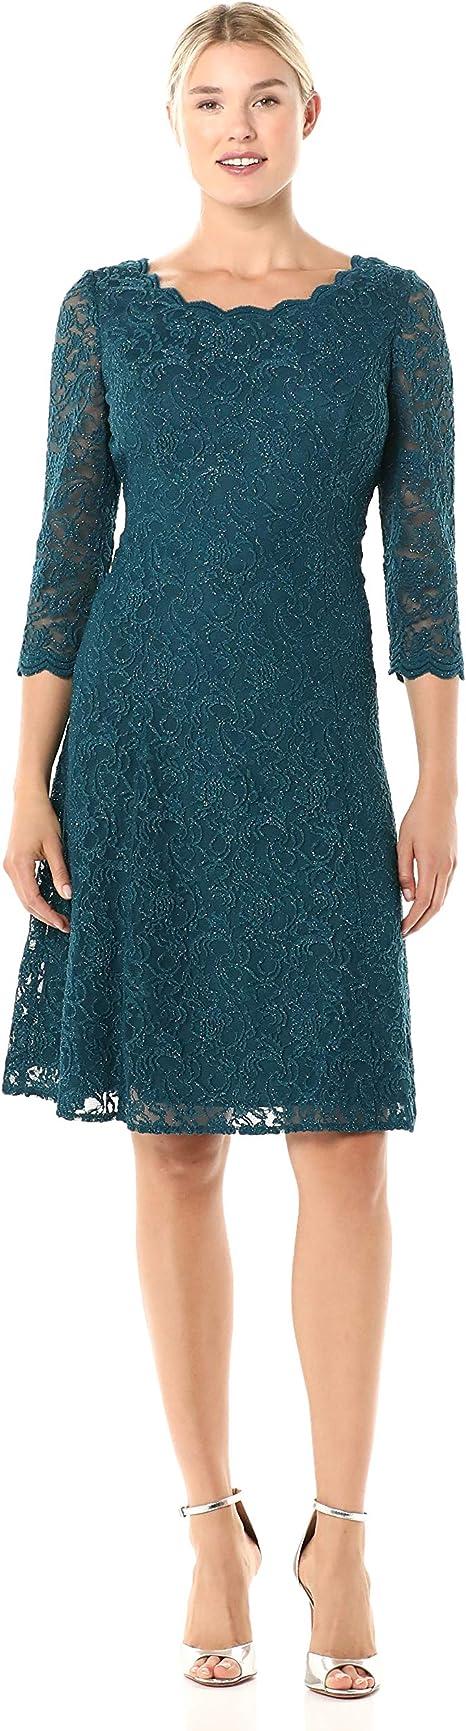 Alex Damen Midi Length Embroidered Party Dress Kleid für besondere Anlässe